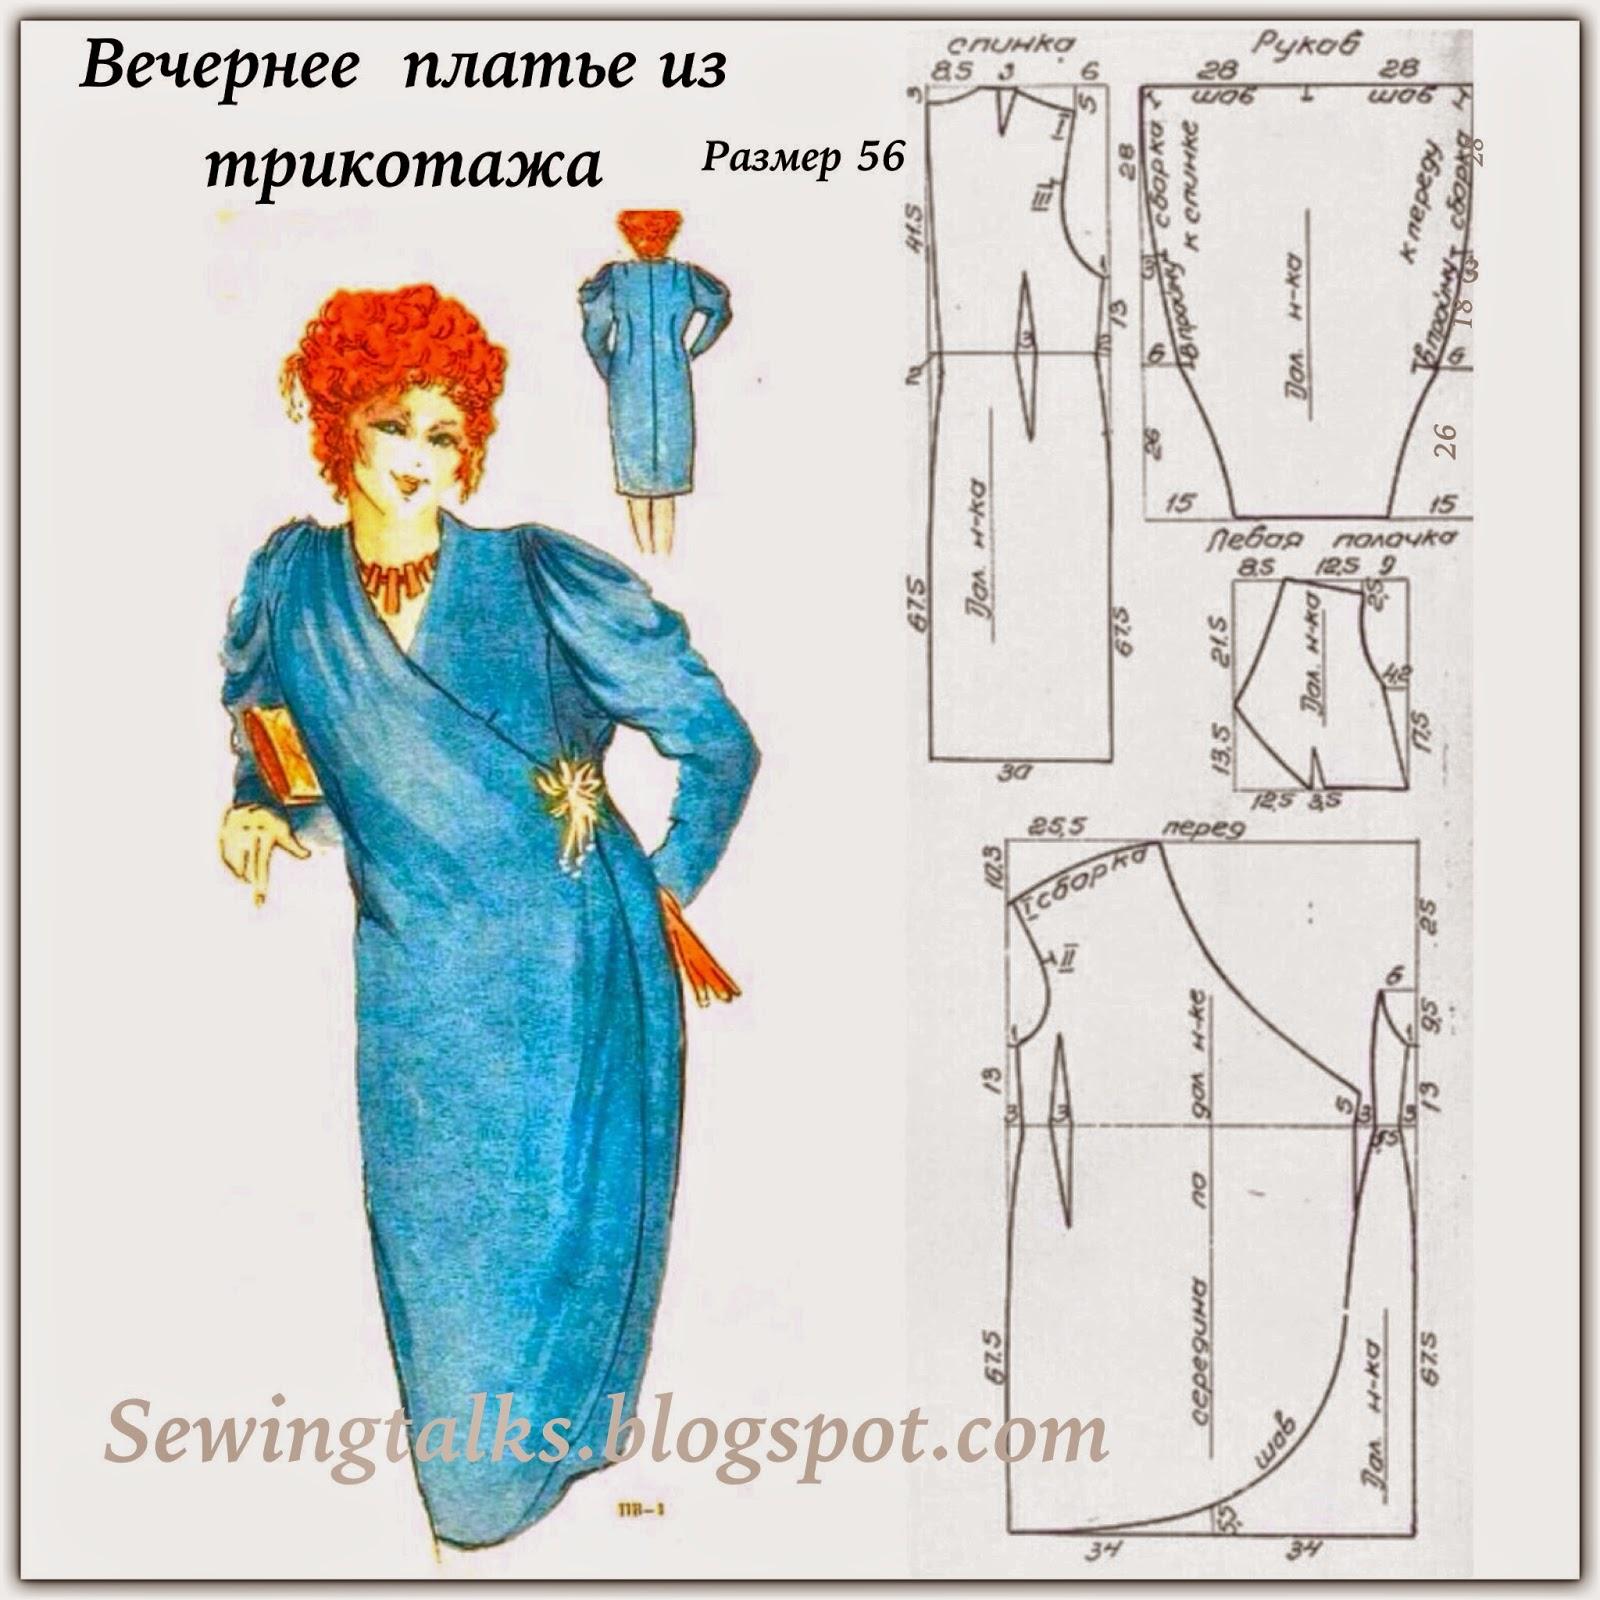 Выкройка летнего платья 48 размера чтобы сшить самой 34